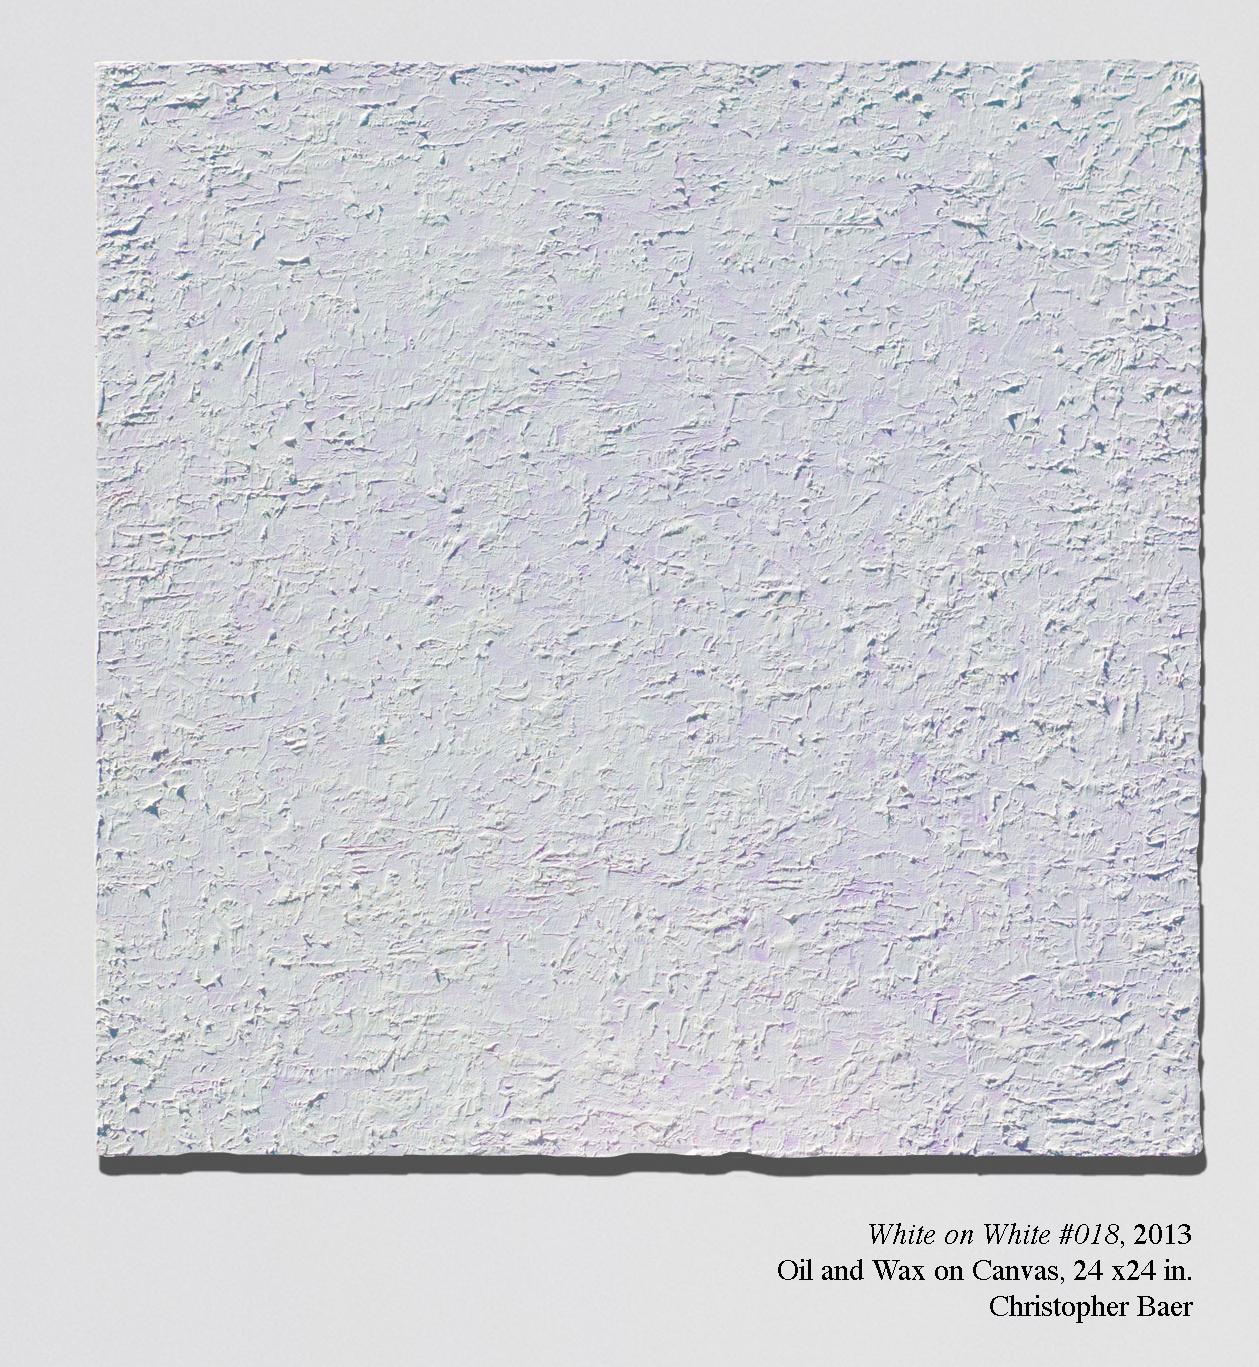 01whiteonwhite_018-text.jpg